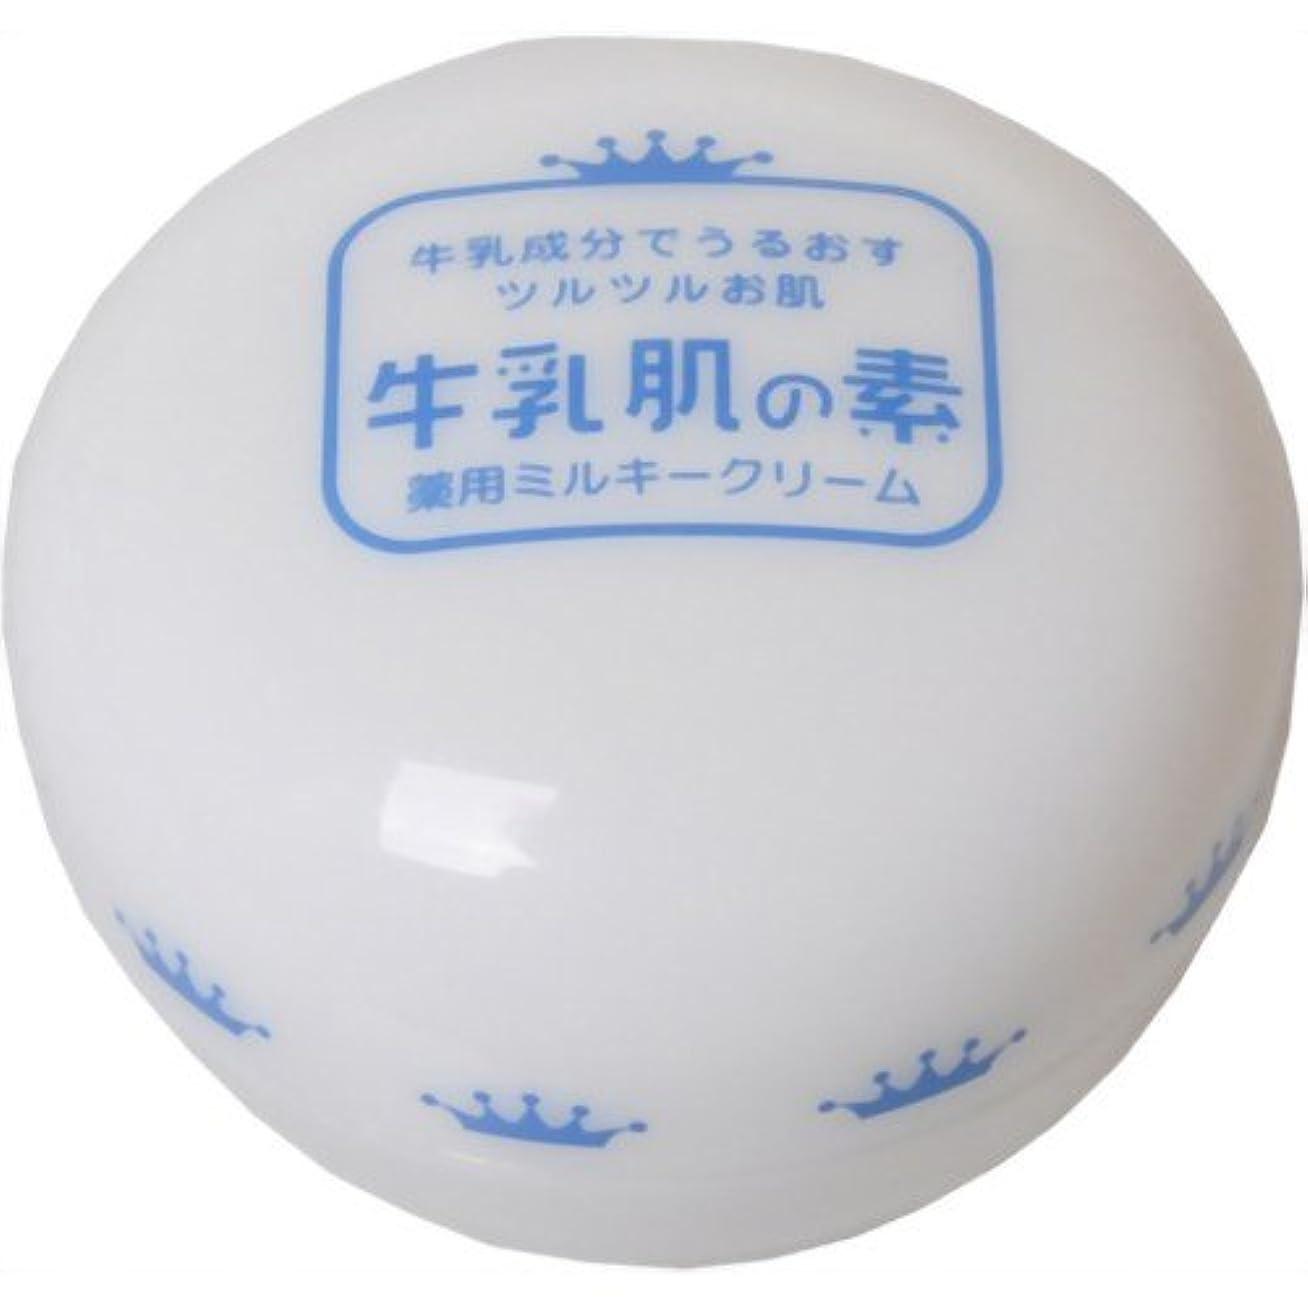 退屈な教える責任牛乳肌の素 薬用ミルキークリーム 20g